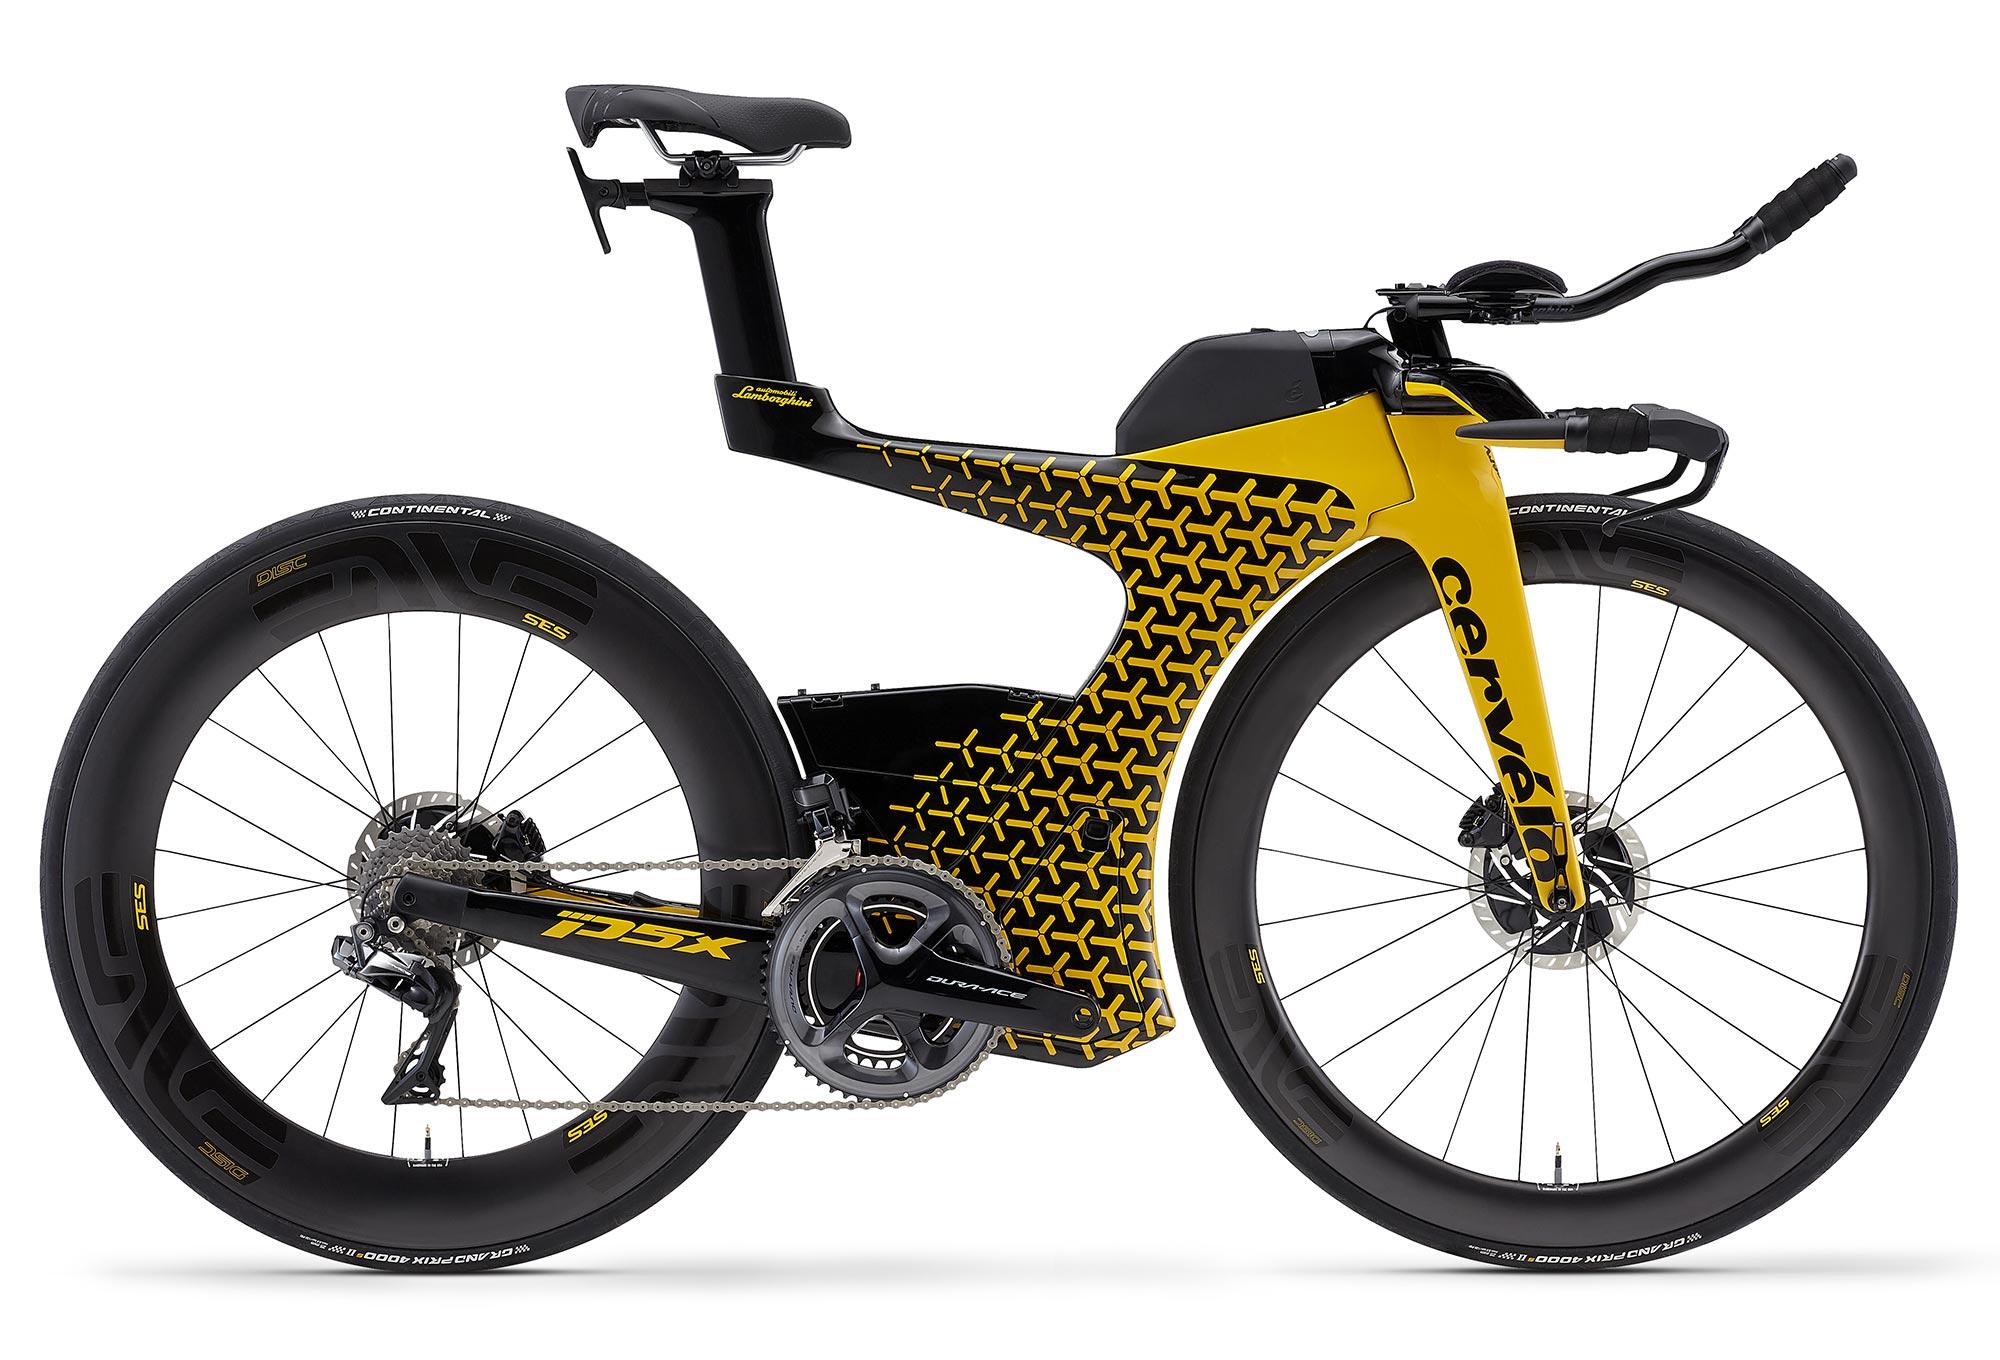 Cervelo P5x Limited Edition Lamborghini Triathlon Bike Shimano Dura